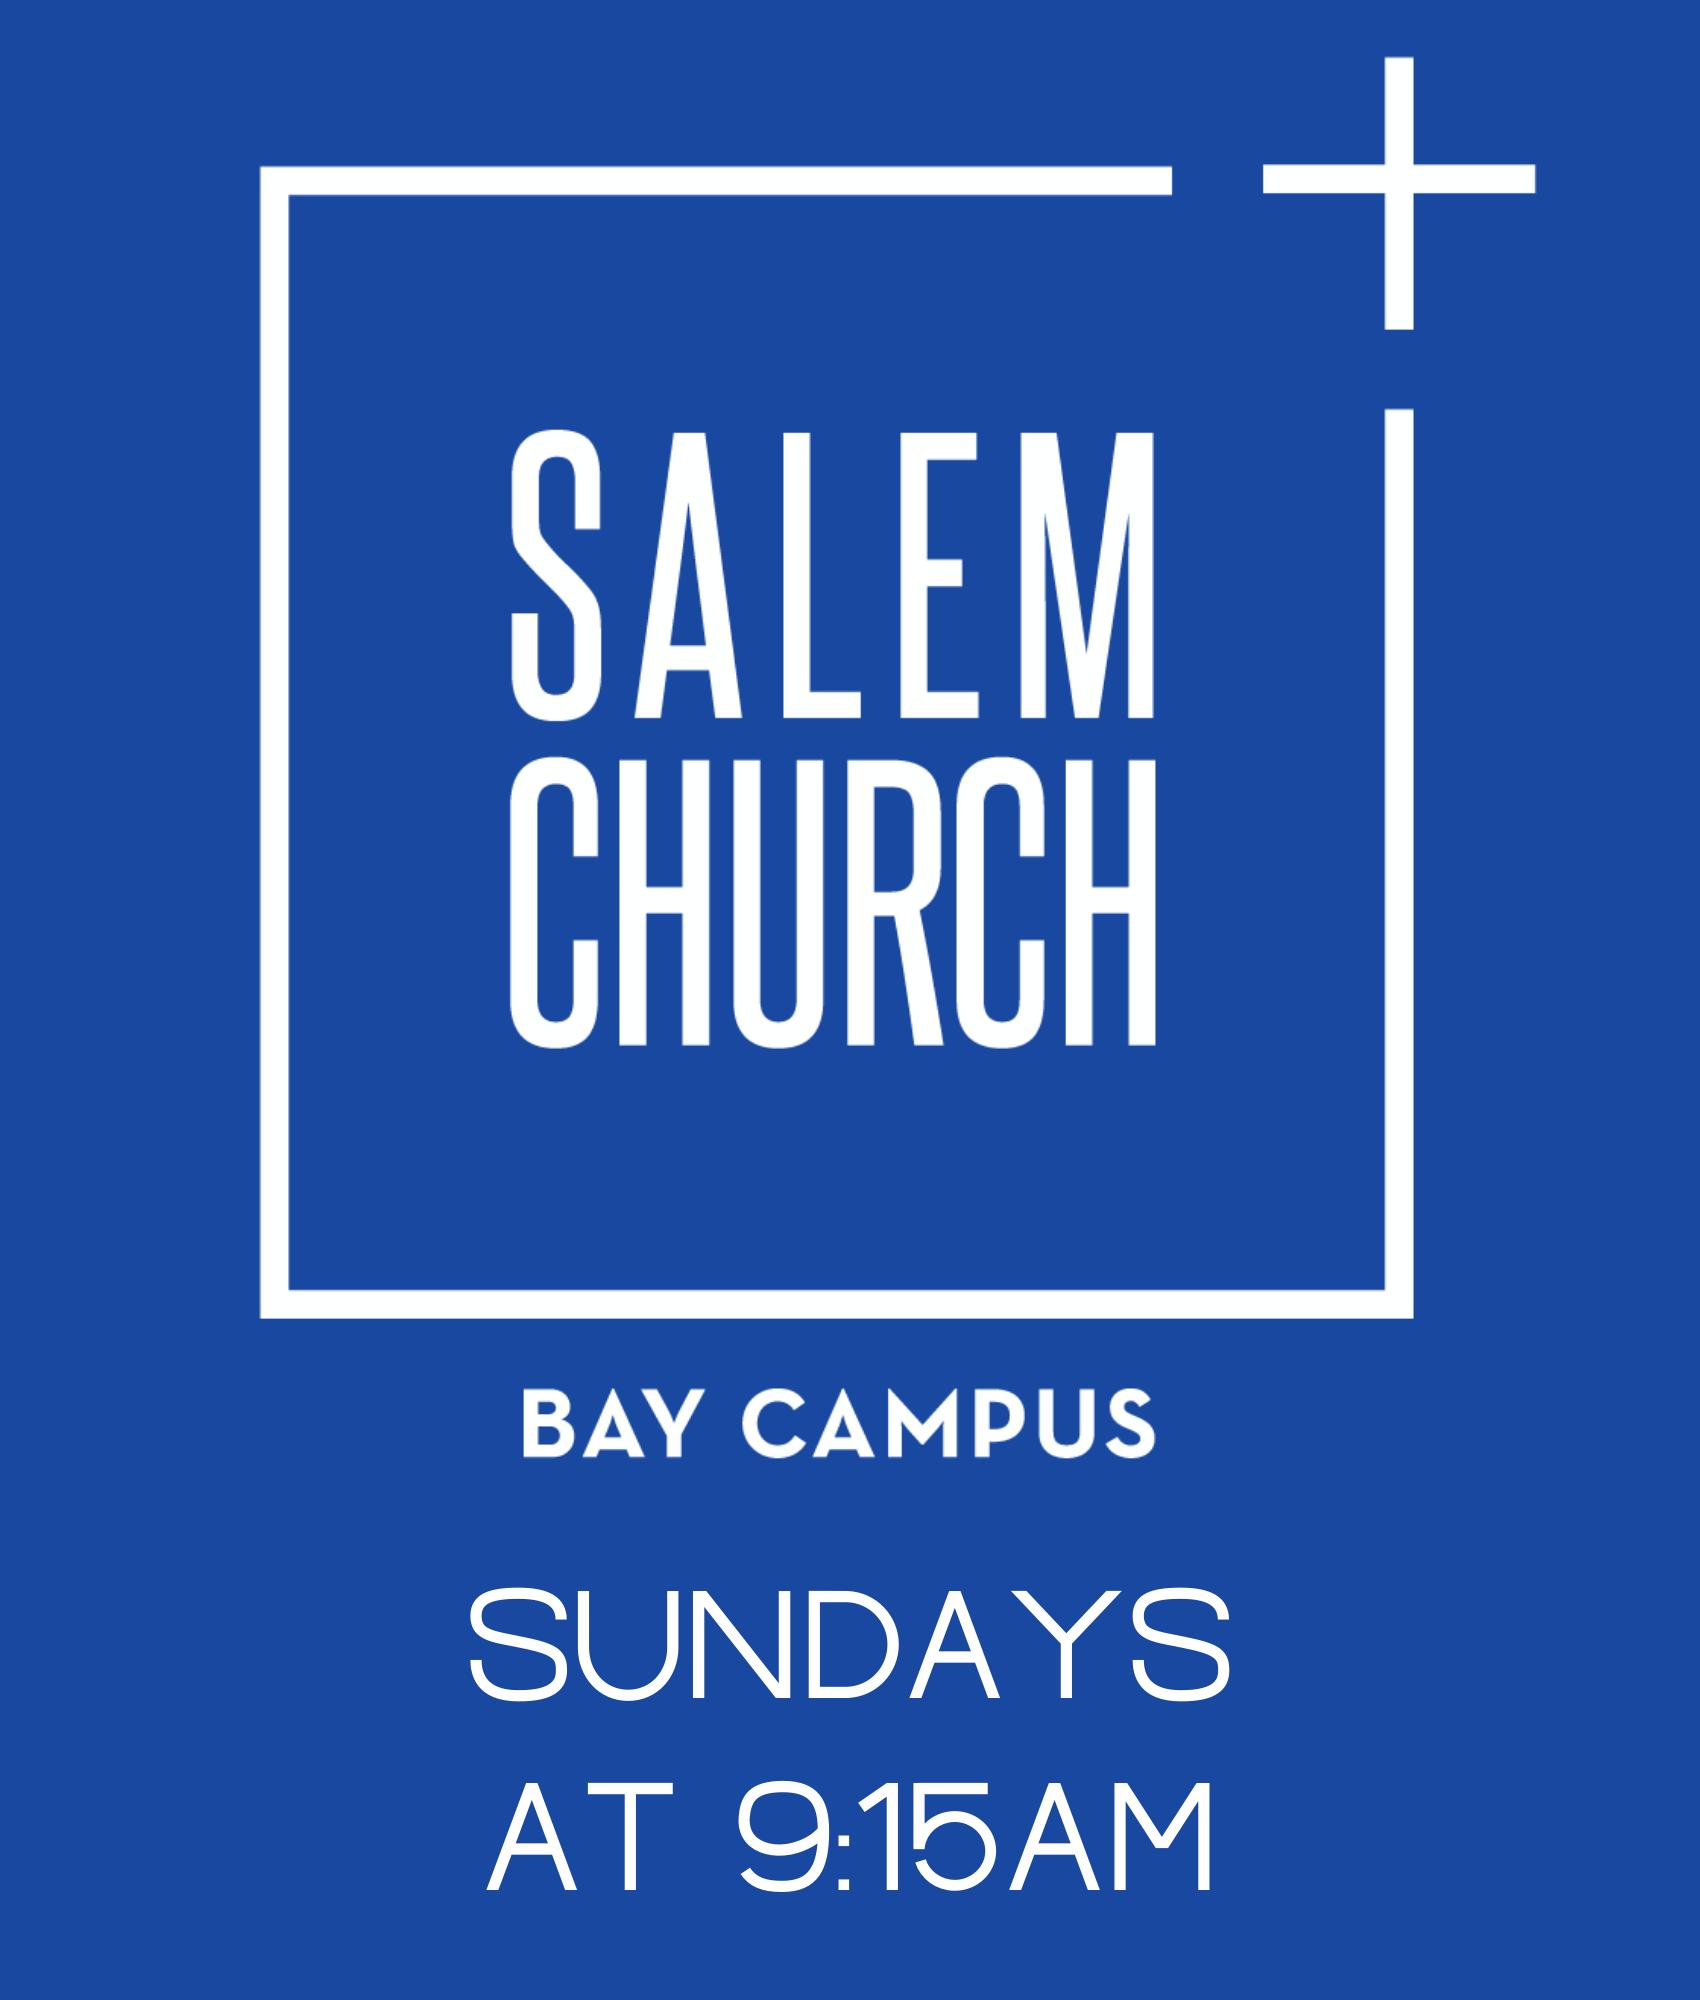 Bay Campus 9:15AM